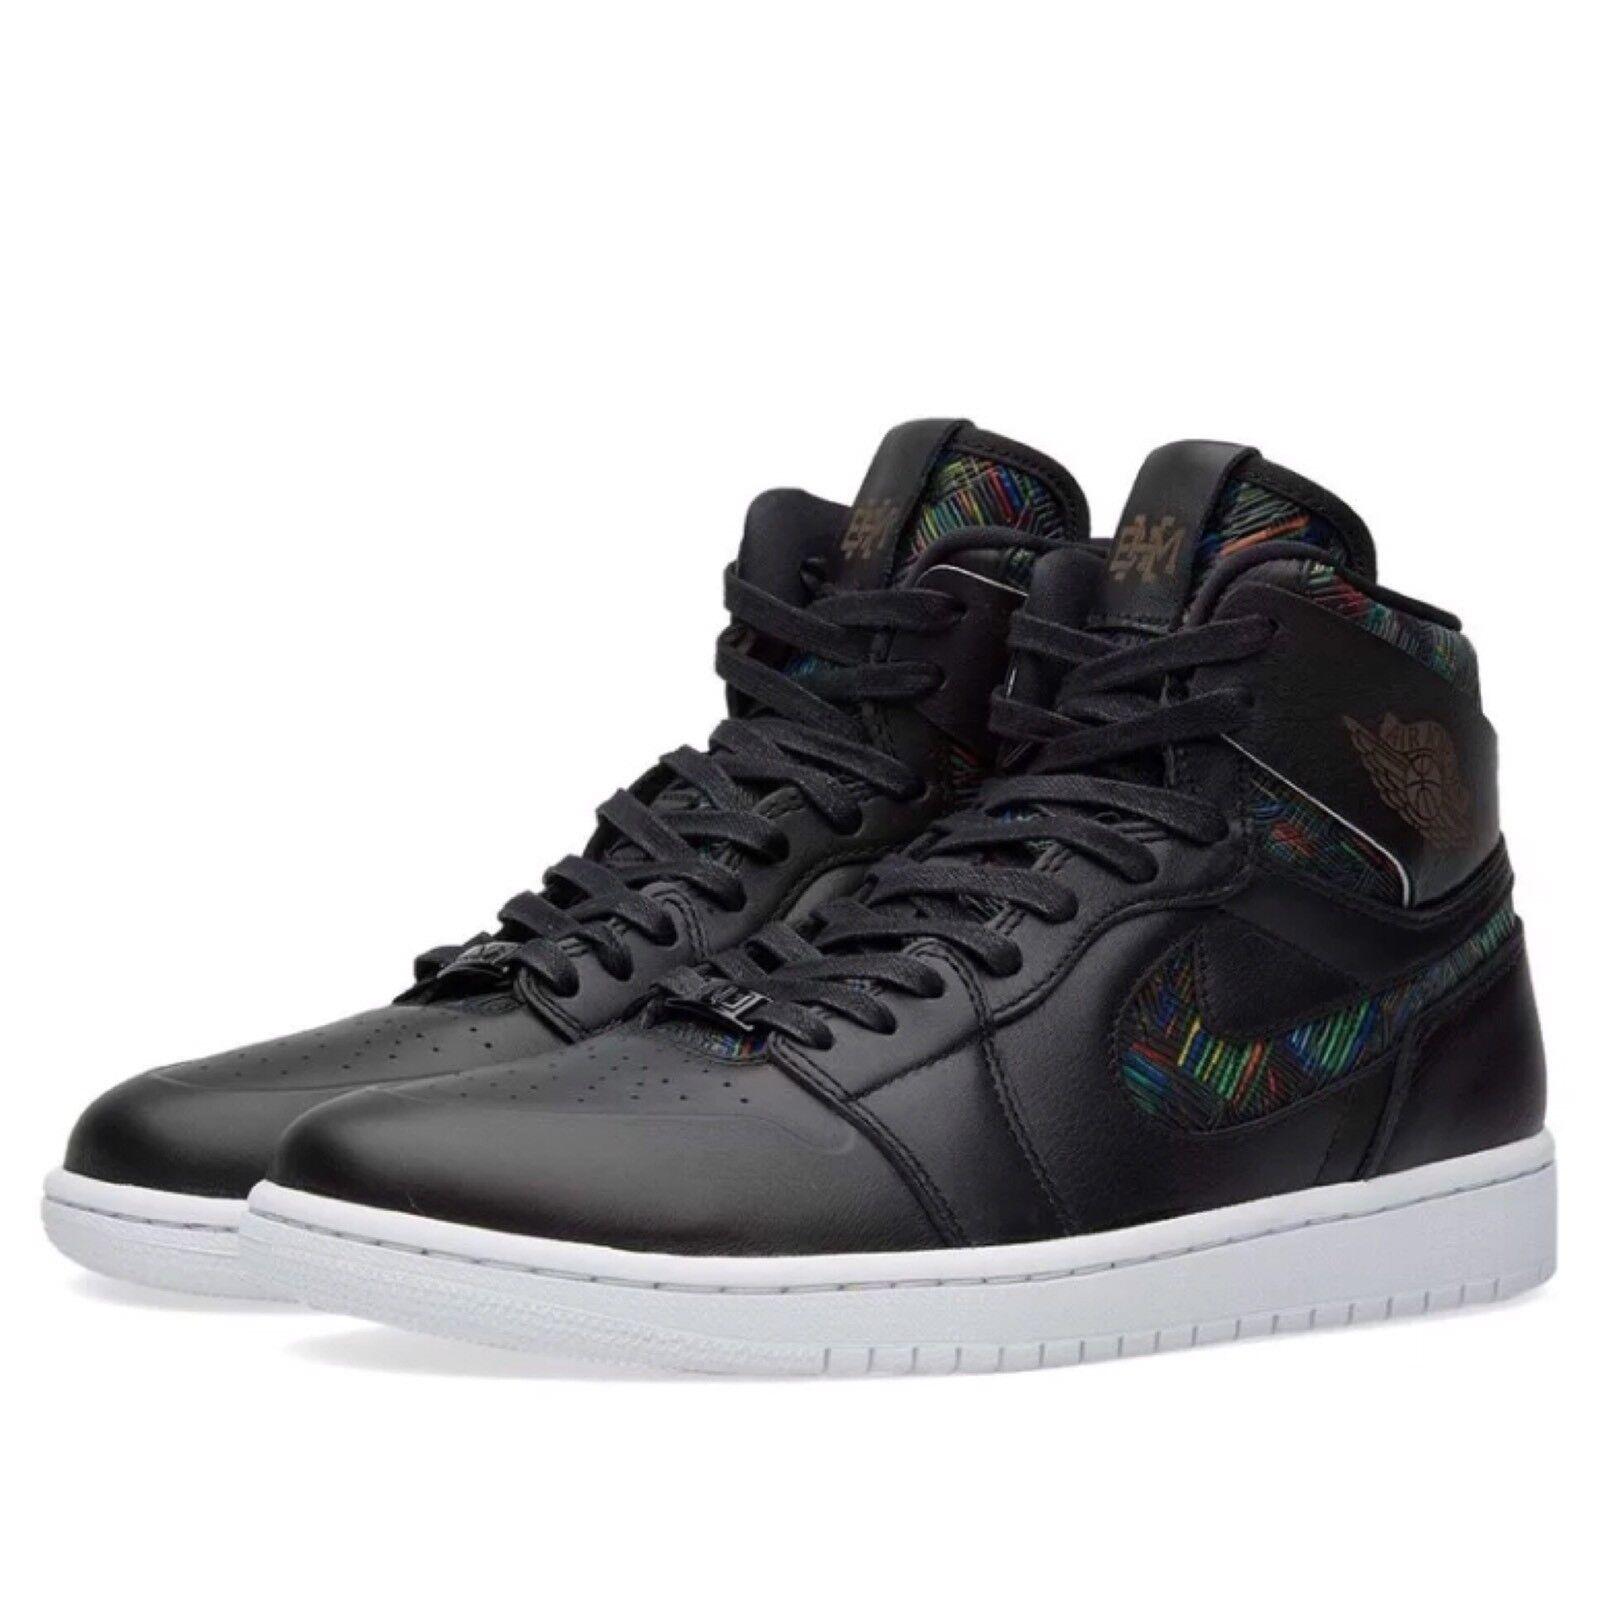 Nike Air Jordan Retro 1 High Nouv BHM Black White Green SZ 9.5 836749-045